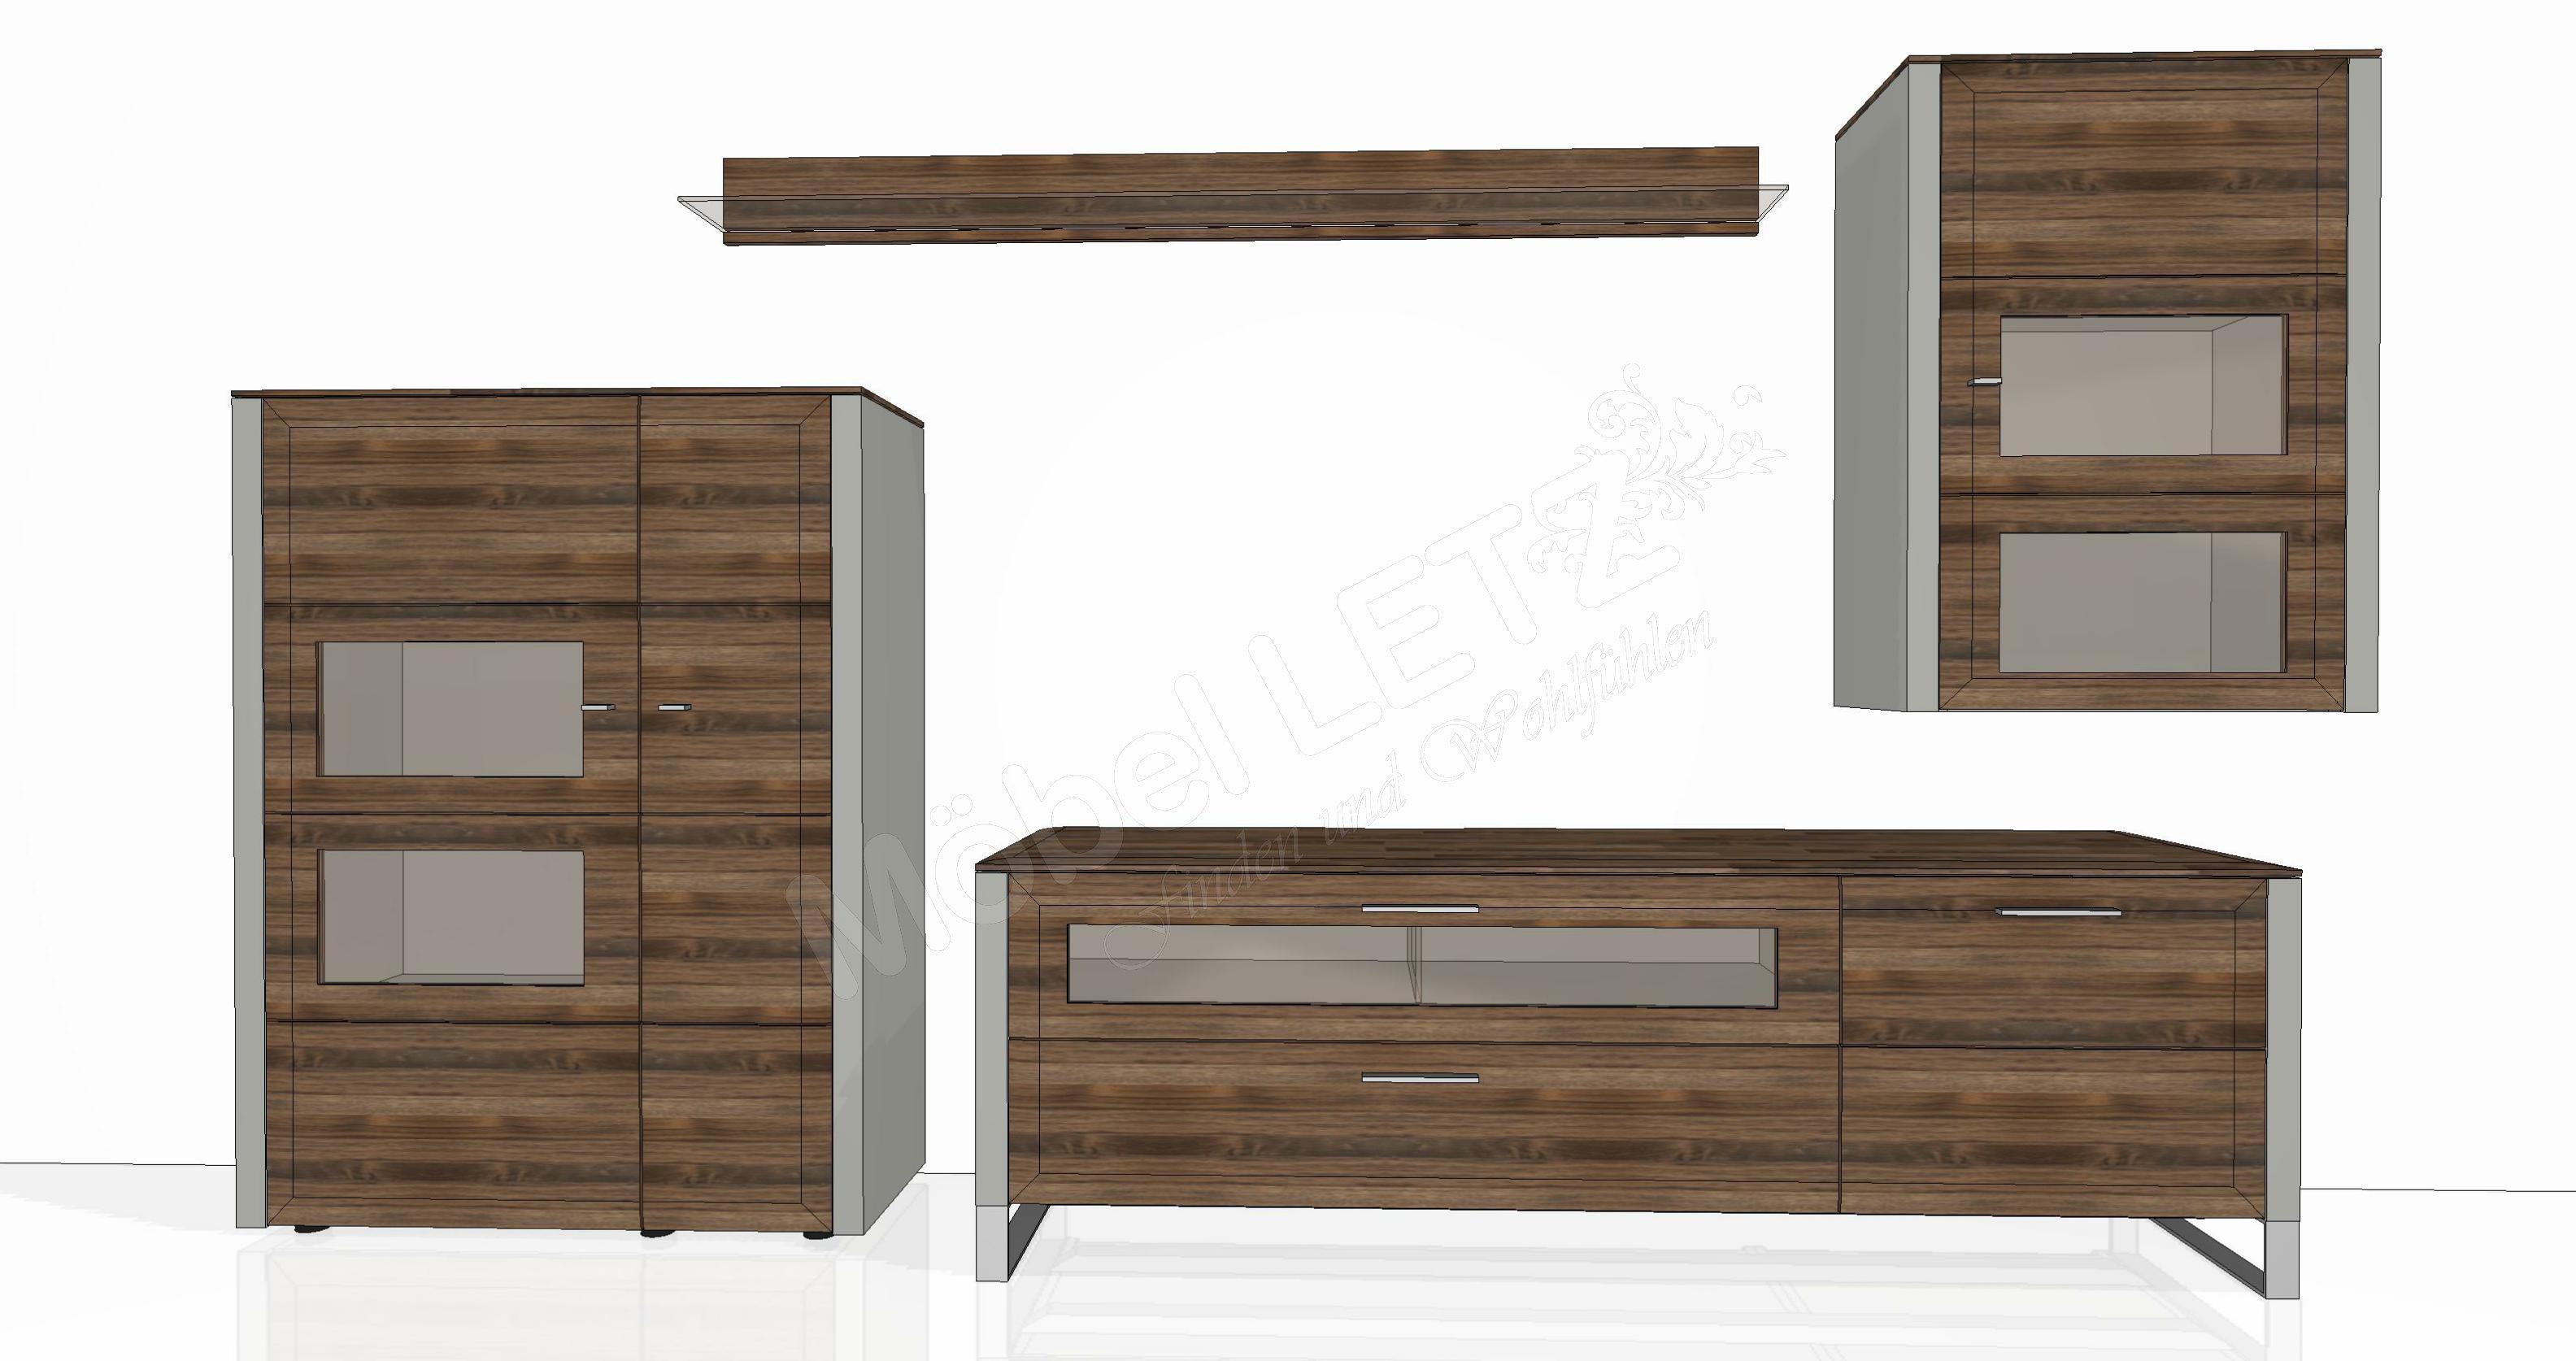 hangeschrank wohnzimmer schwarz h u00e4ngeschrank. Black Bedroom Furniture Sets. Home Design Ideas